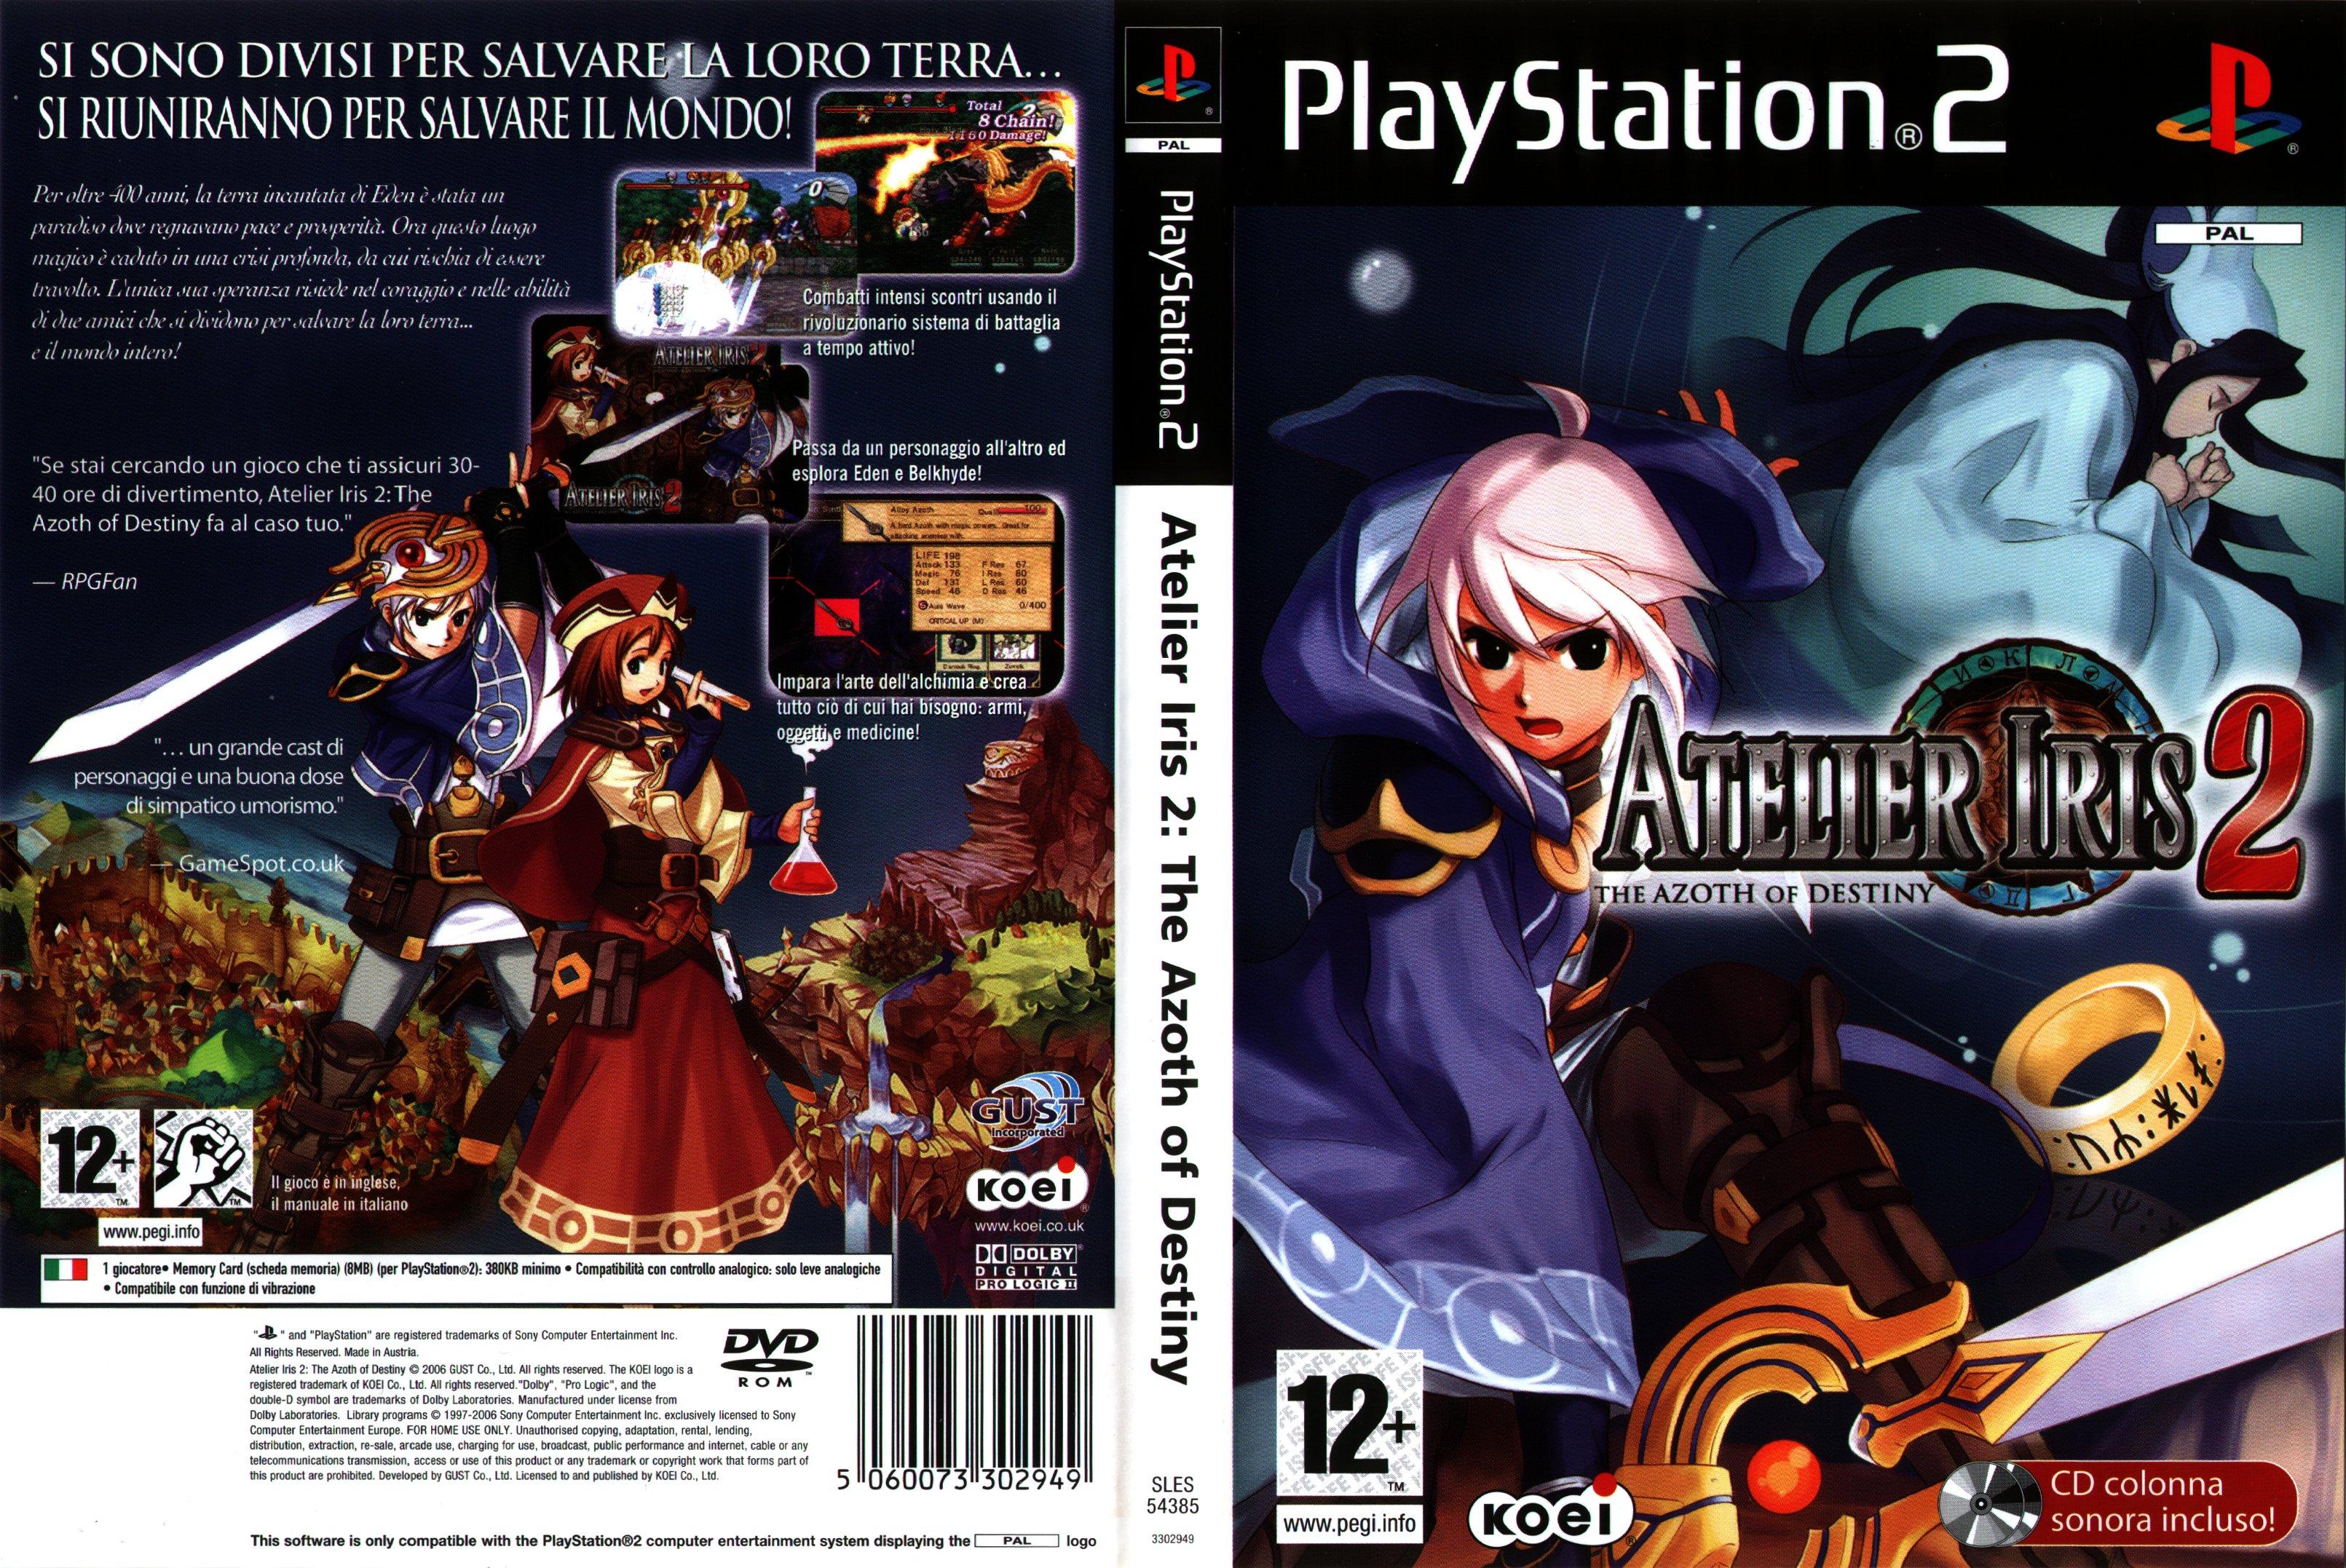 Atelier Iris 2: The Azoth of Destiny Cover Ita - Cover Videogiochi